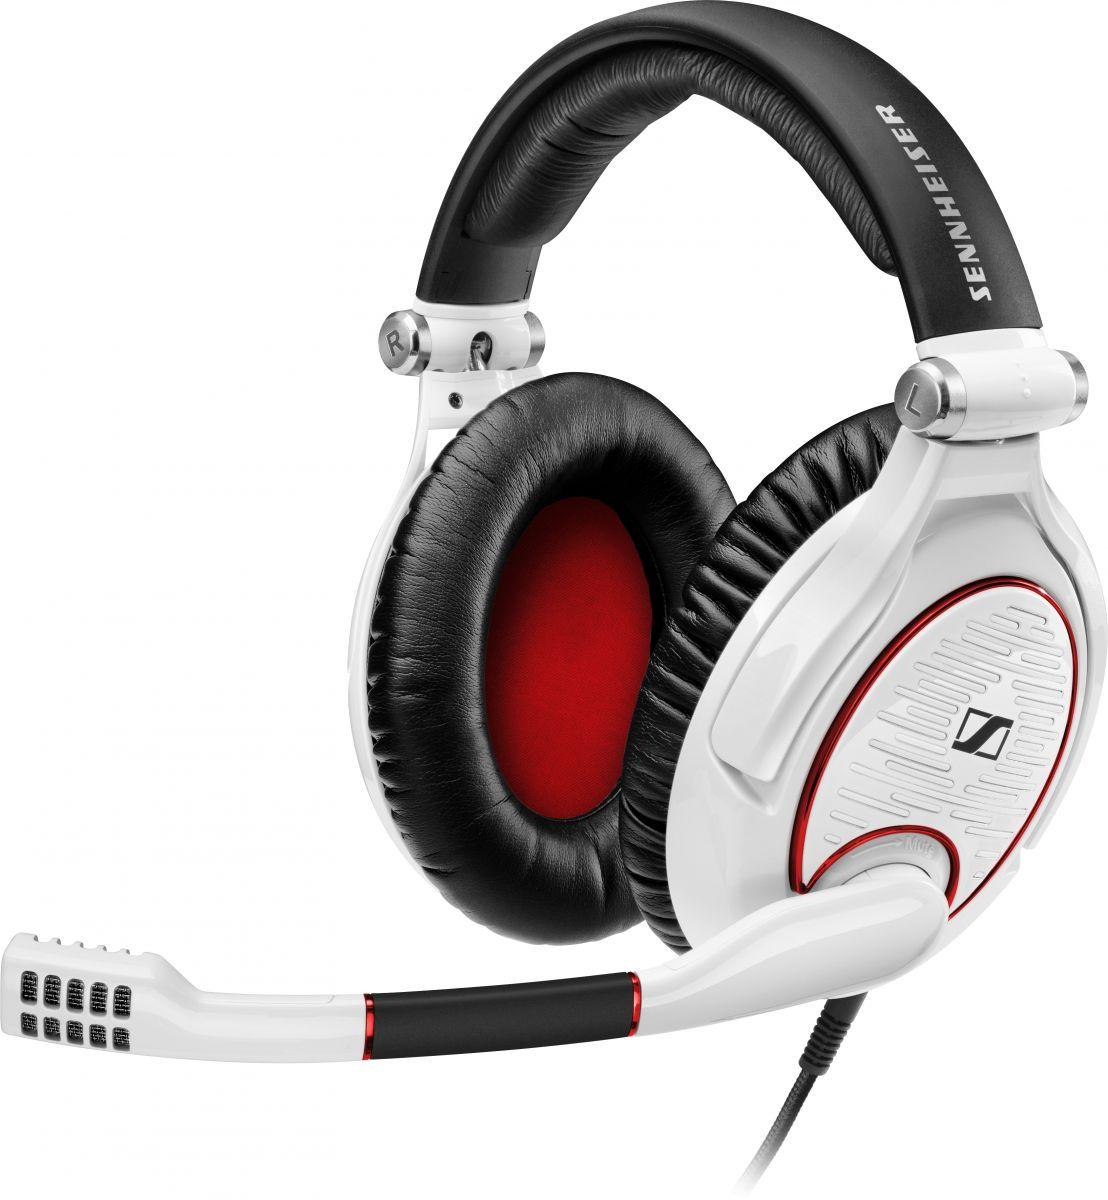 Sennheiser GAME ZERO (GAMEZERO) Słuchawki multimedialne nauszne z mikrofonem  Kolor: Biały Polska Gwarancja